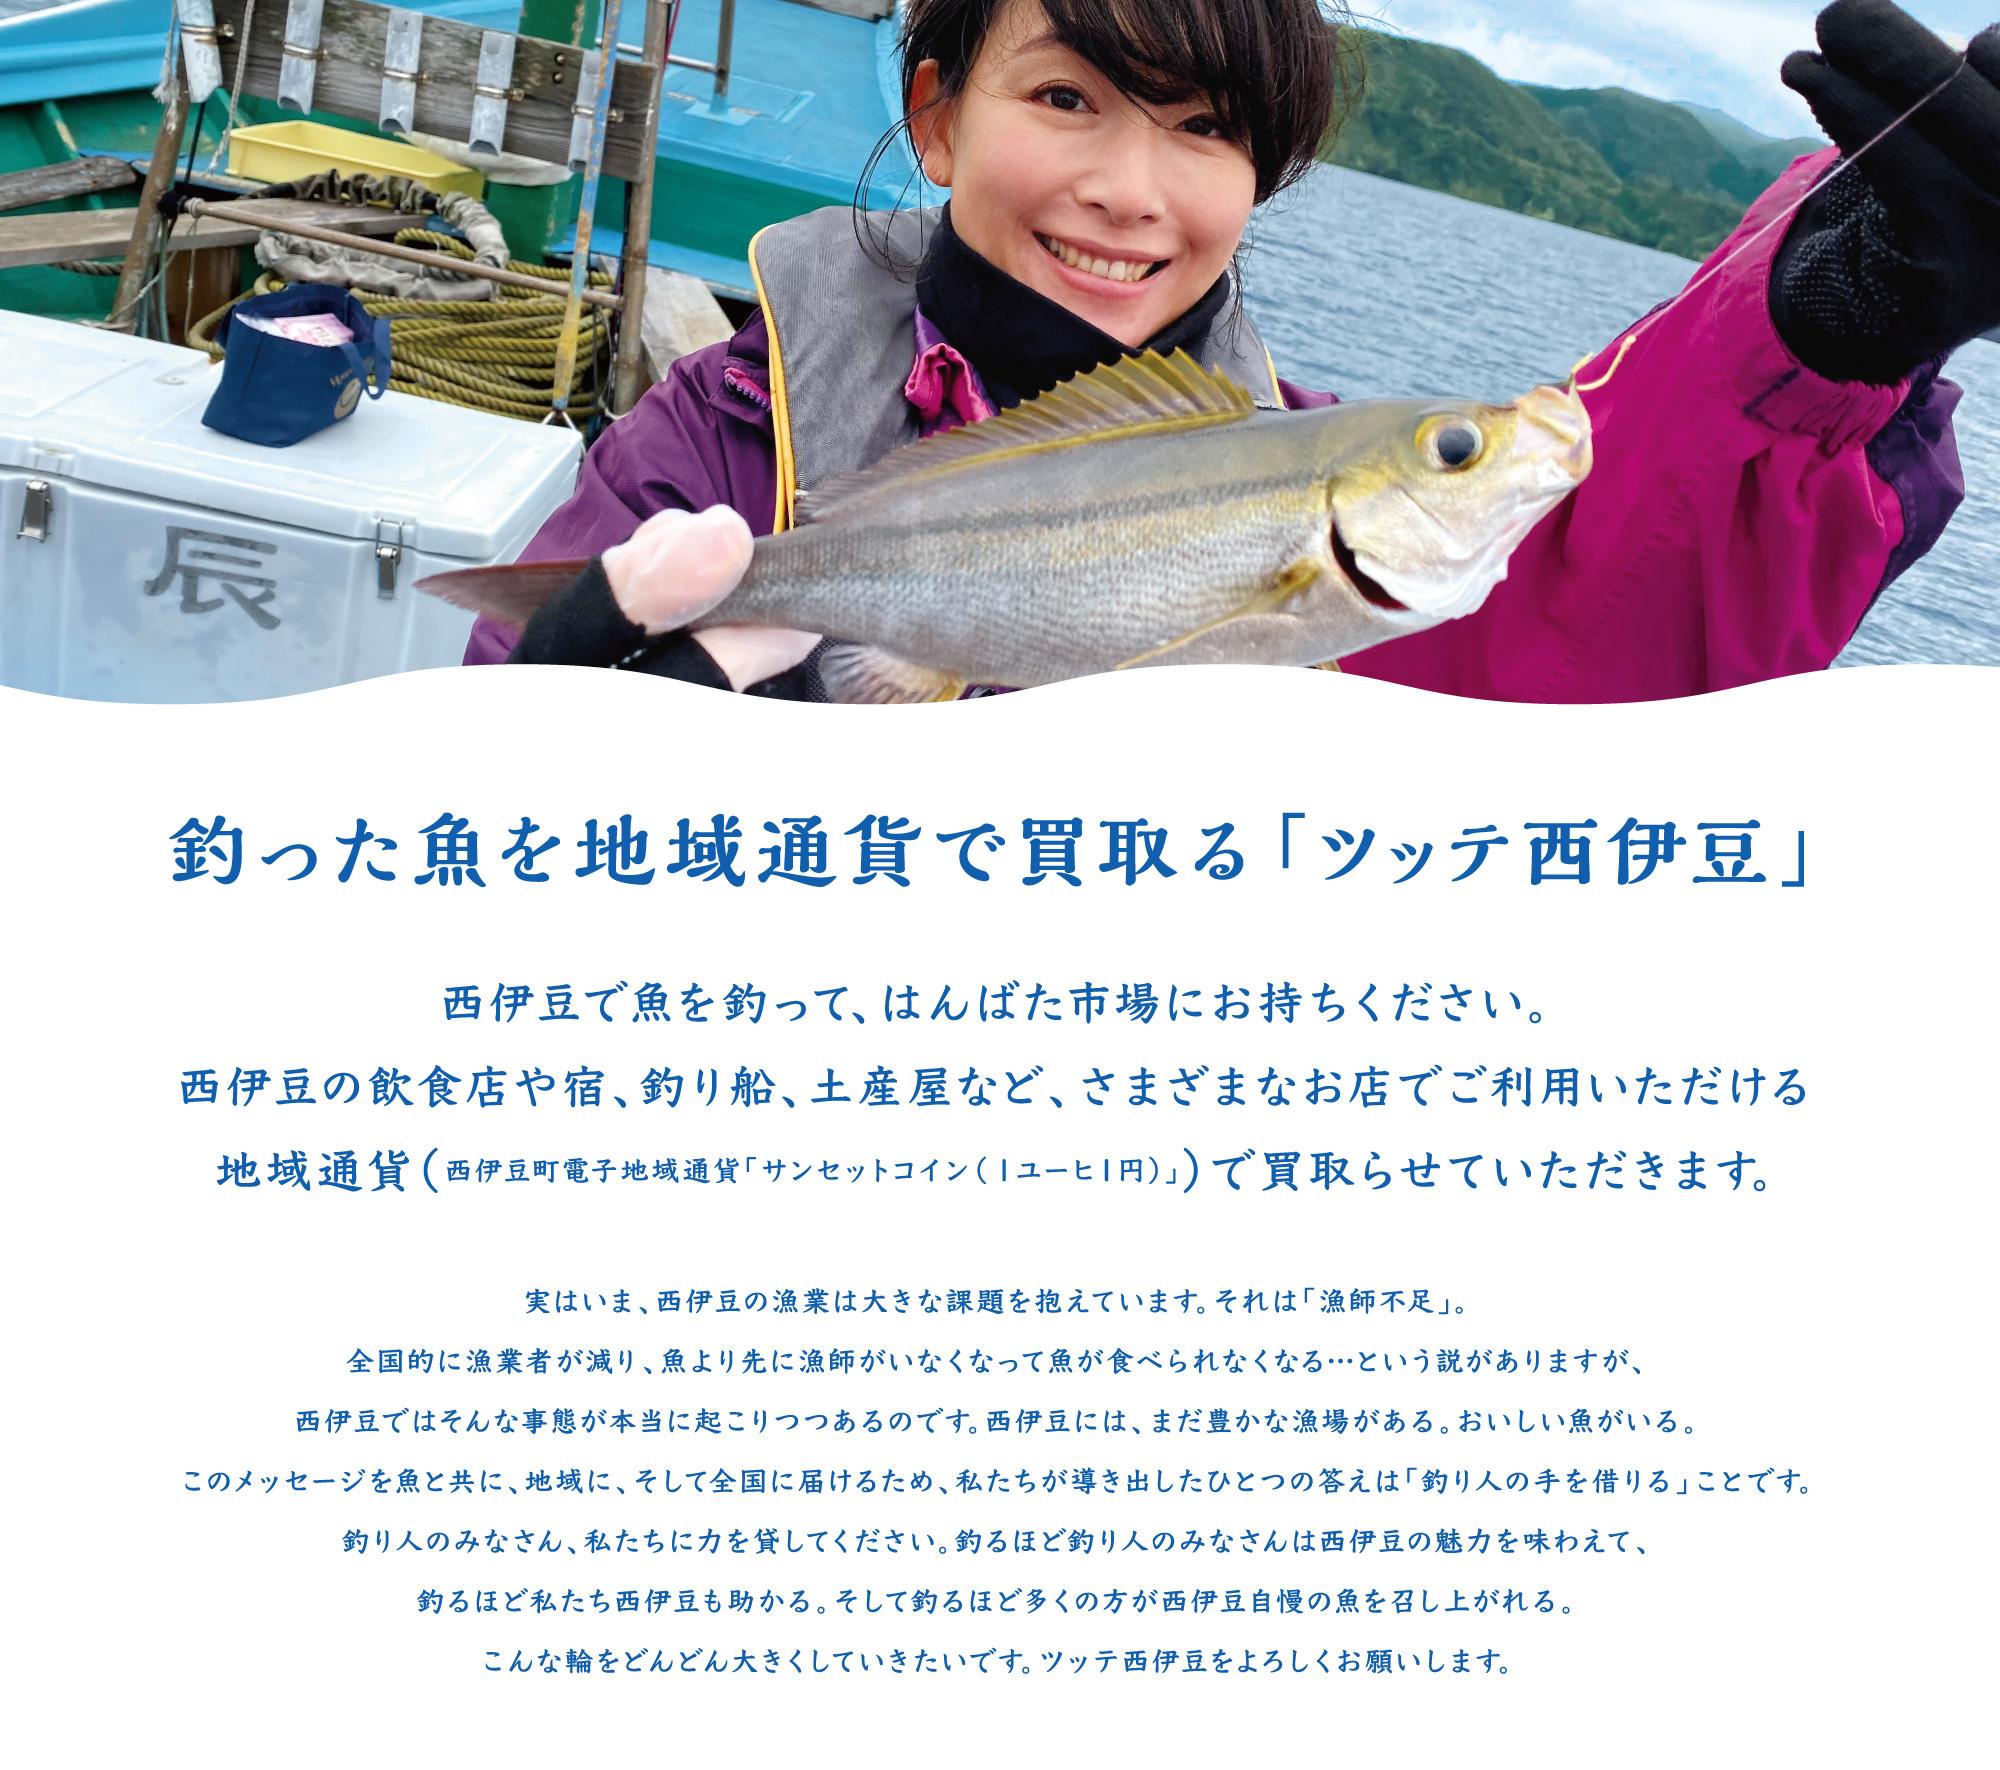 釣った魚を地域通貨で買取る「ツッテ西伊豆」 西伊豆で魚を釣って、はんばた市場にお持ちください。 西伊豆の飲食店や宿、釣り船、土産屋など、さまざまなお店でご利用いただける 地域通貨(西伊豆町電子地域通貨「サンセットコイン(1ユーヒ1円)」)で買取らせていただきます。 実はいま、西伊豆の漁業は大きな課題を抱えています。それは「漁師不足」。 全国的に漁業者が減り、魚より先に漁師がいなくなって魚が食べられなくなる…という説がありますが、 西伊豆ではそんな事態が本当に起こりつつあるのです。西伊豆には、まだ豊かな漁場がある。おいしい魚がいる。 このメッセージを魚と共に、地域に、そして全国に届けるため、私たちが導き出したひとつの答えは「釣り人の手を借りる」ことです。 釣り人のみなさん、私たちに力を貸してください。釣るほど釣り人のみなさんは西伊豆の魅力を味わえて、 釣るほど私たち西伊豆も助かる。そして釣るほど多くの方が西伊豆自慢の魚を召し上がれる。 こんな輪をどんどん大きくしていきたいです。ツッテ西伊豆をよろしくお願いします。